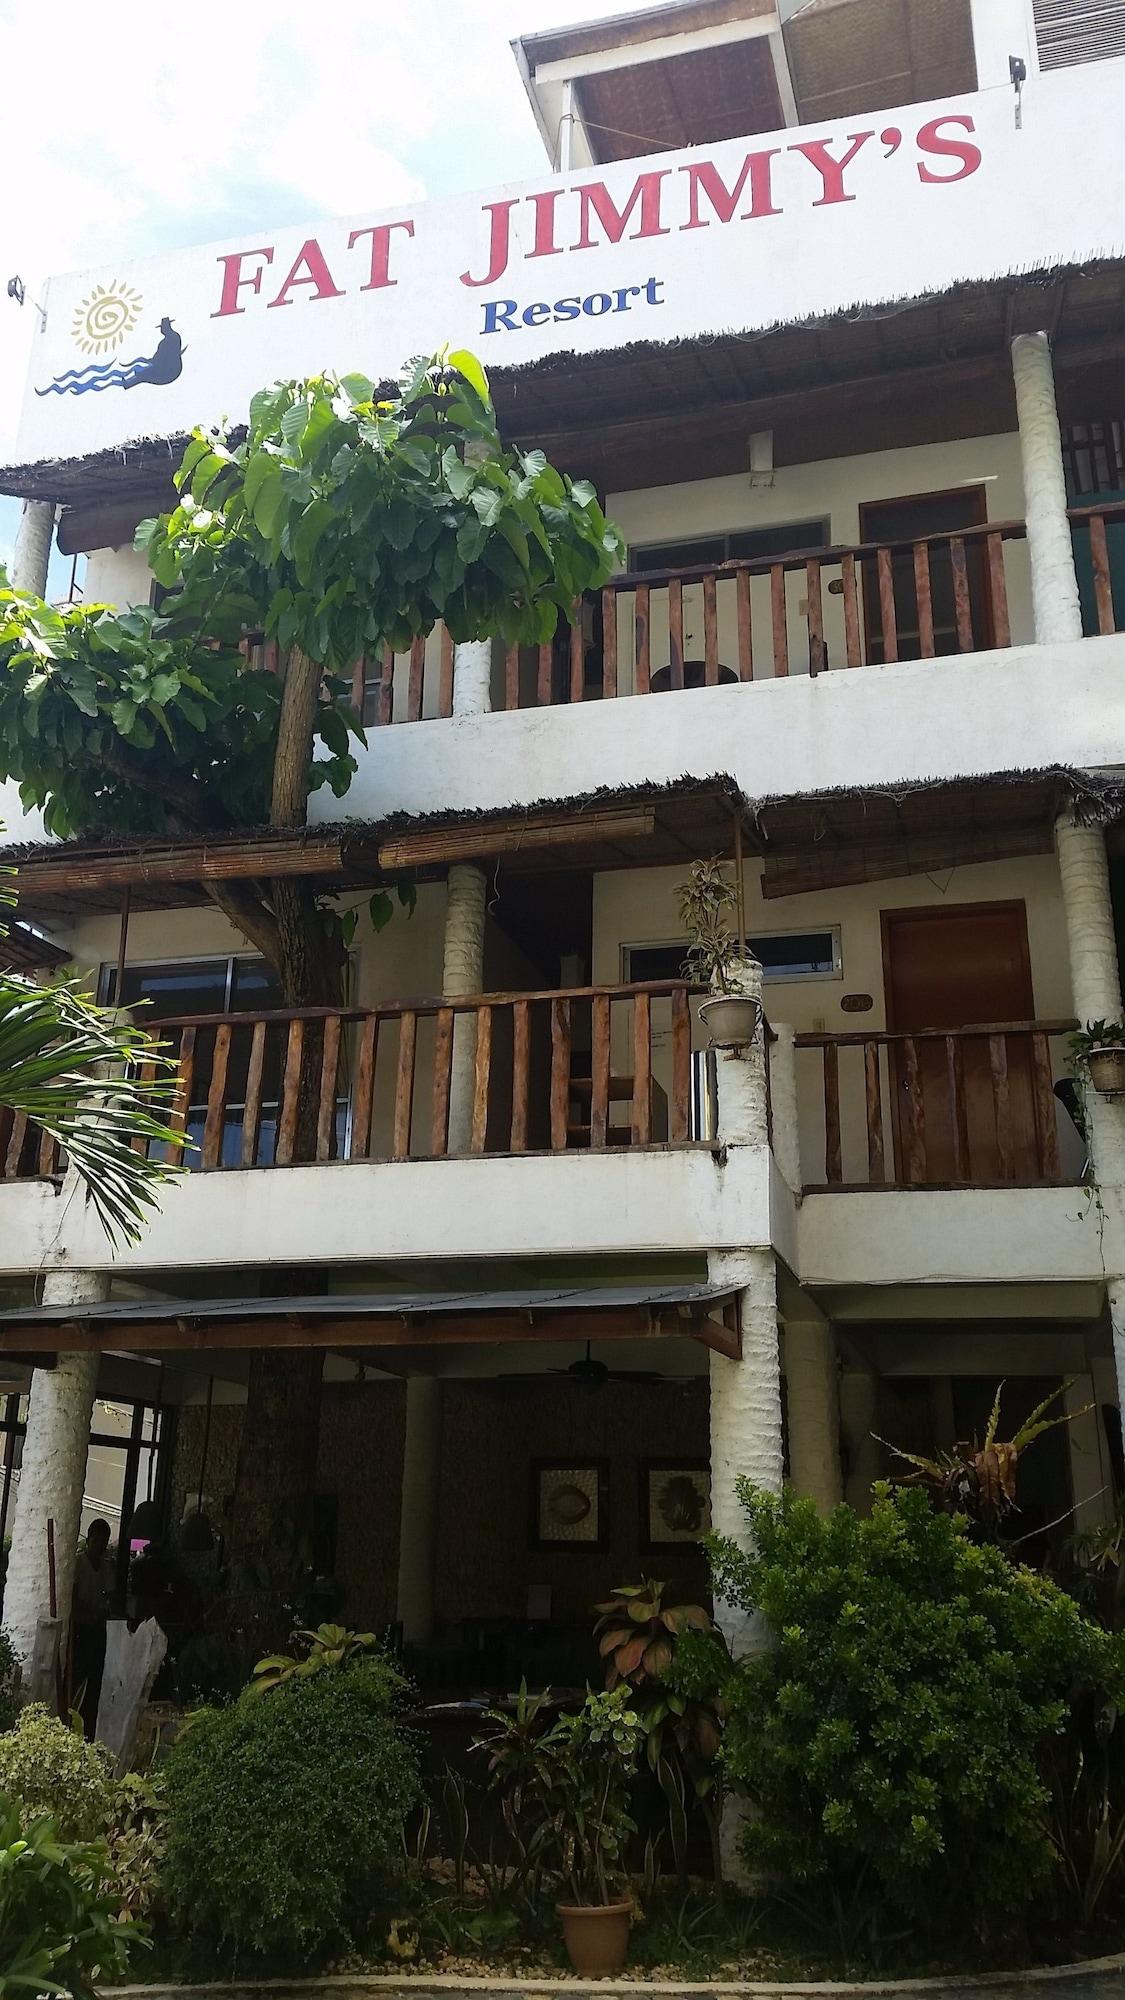 Fat Jimmy's Resort Boracay, Malay